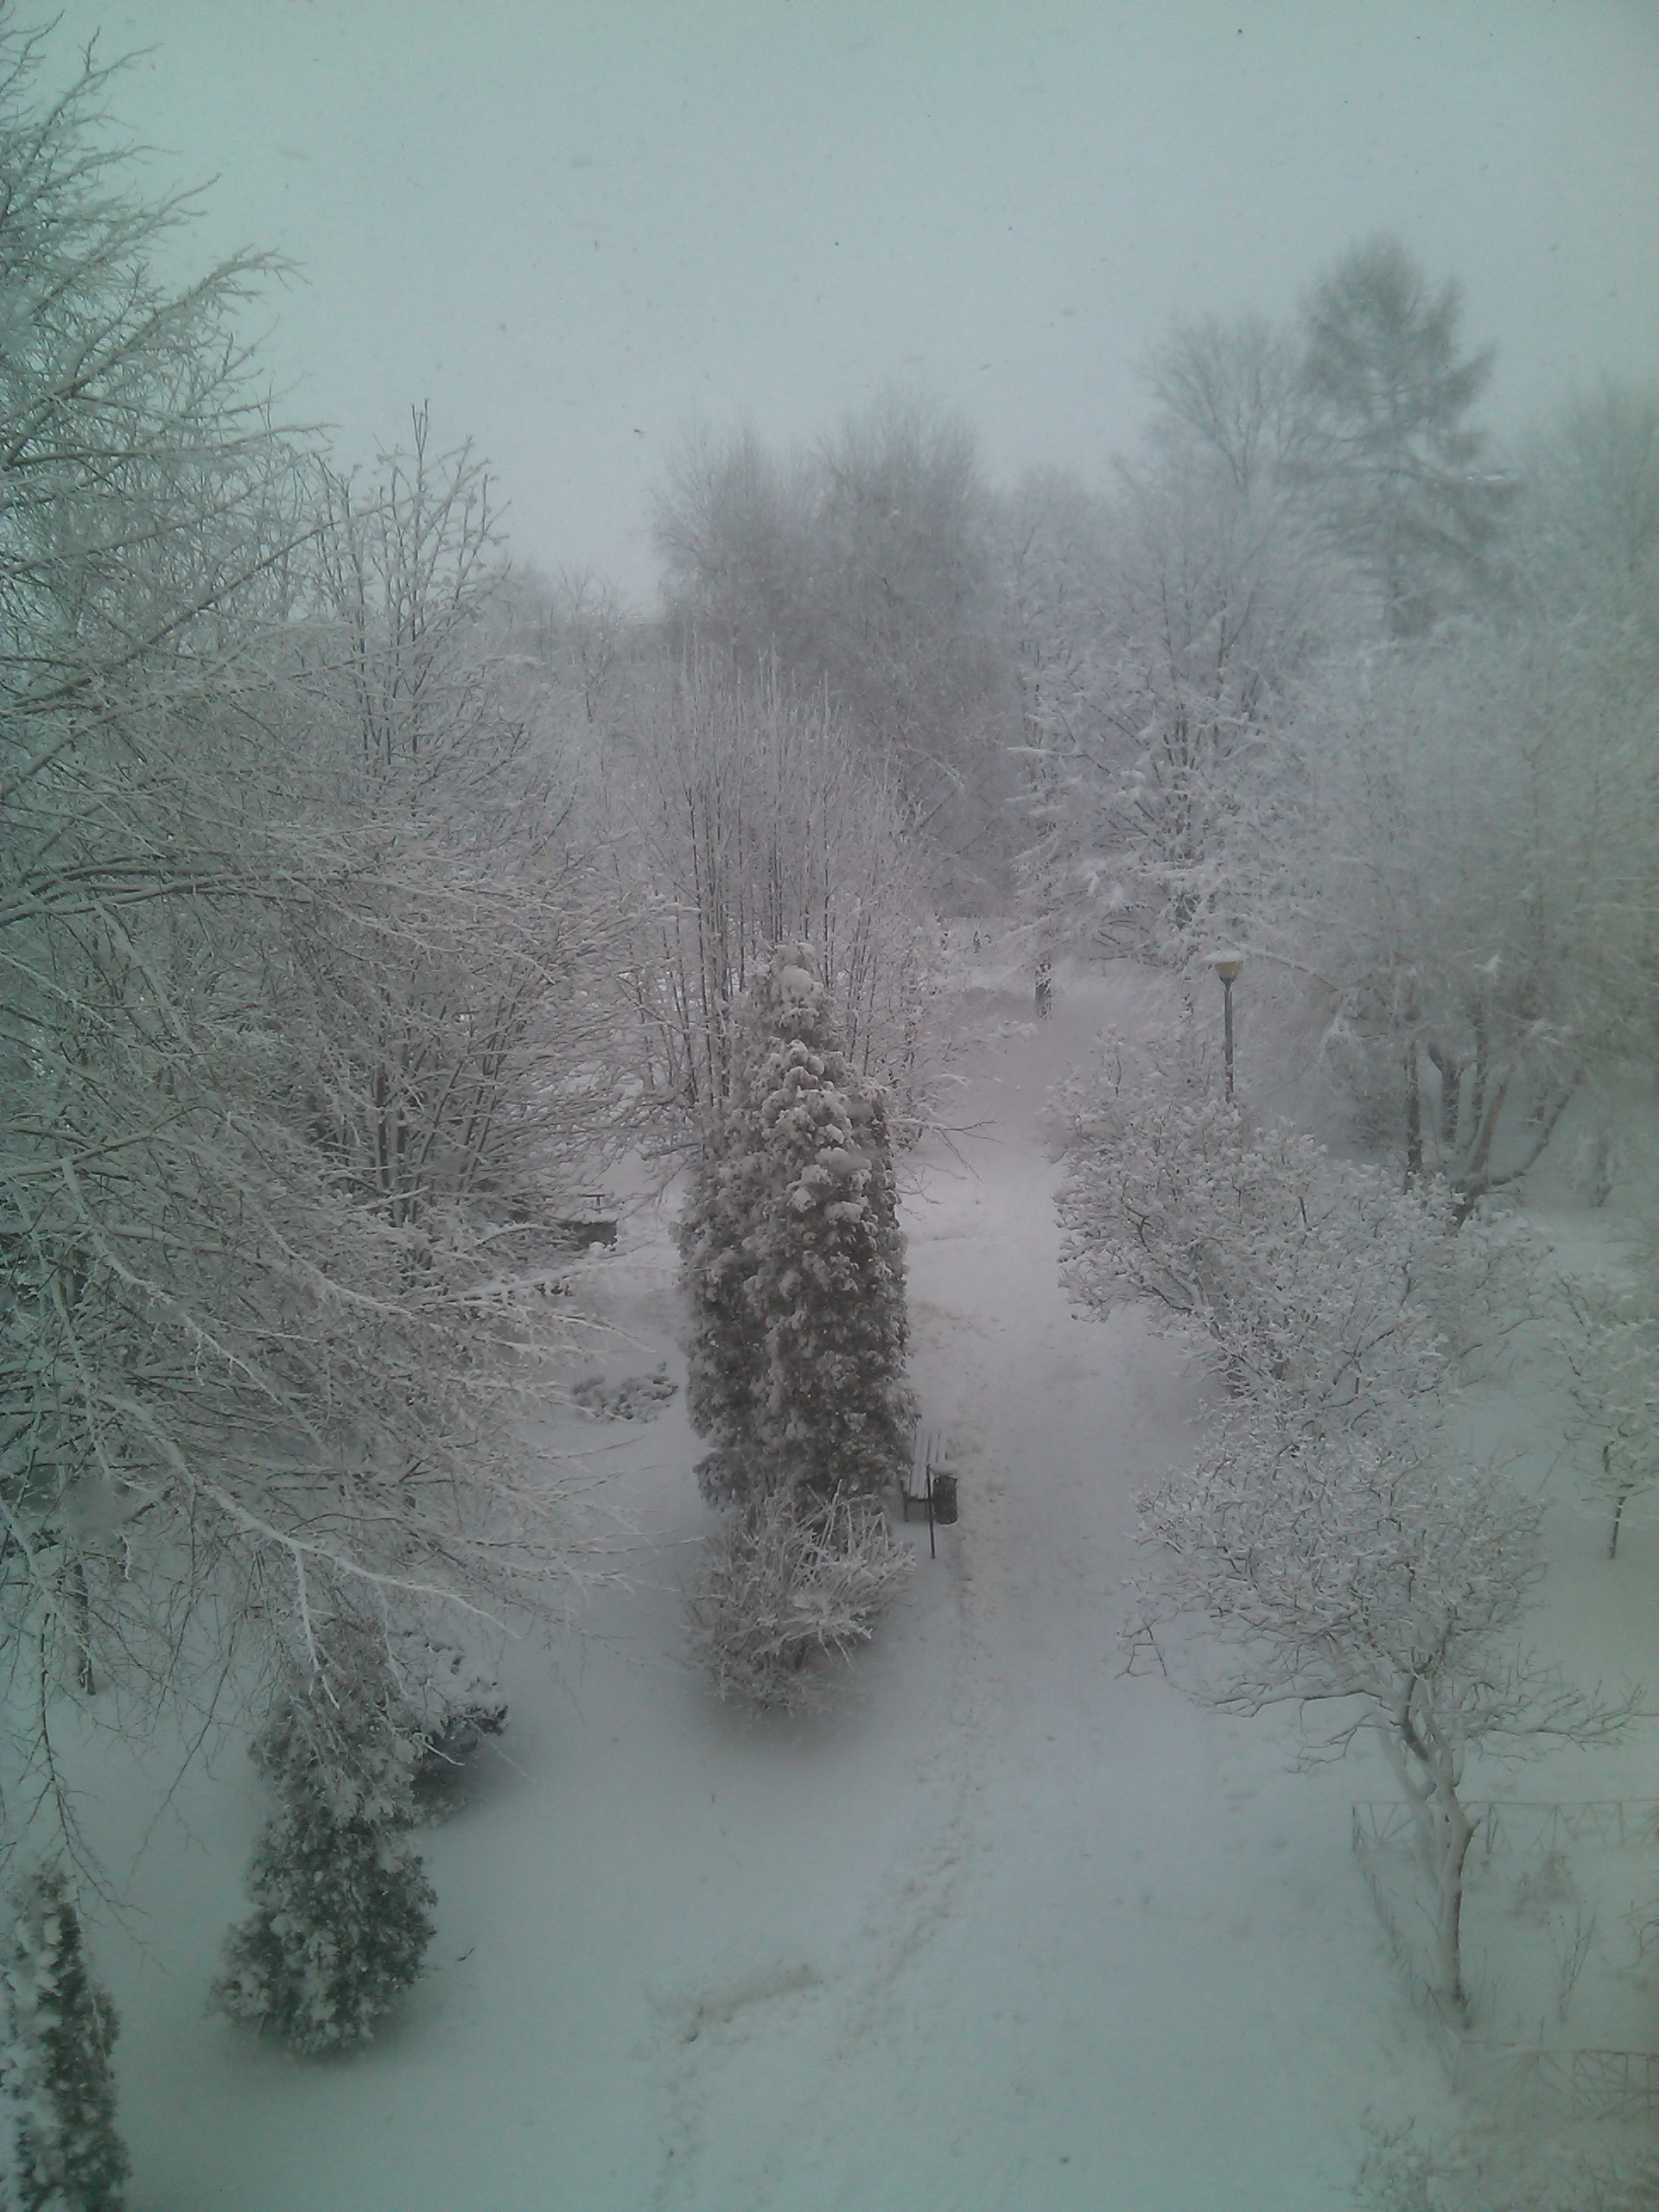 """Nie wszyscy narzekają na pogodę. Pan Krzysztof wysłał nam zdjęcie z os. Baranówka. """"Mi się tam podoba taka zima w Rzeszowie. Wspaniałe widoki z okna i gorąca czekolada. Po co wychodzić z domu?"""" - napisał"""